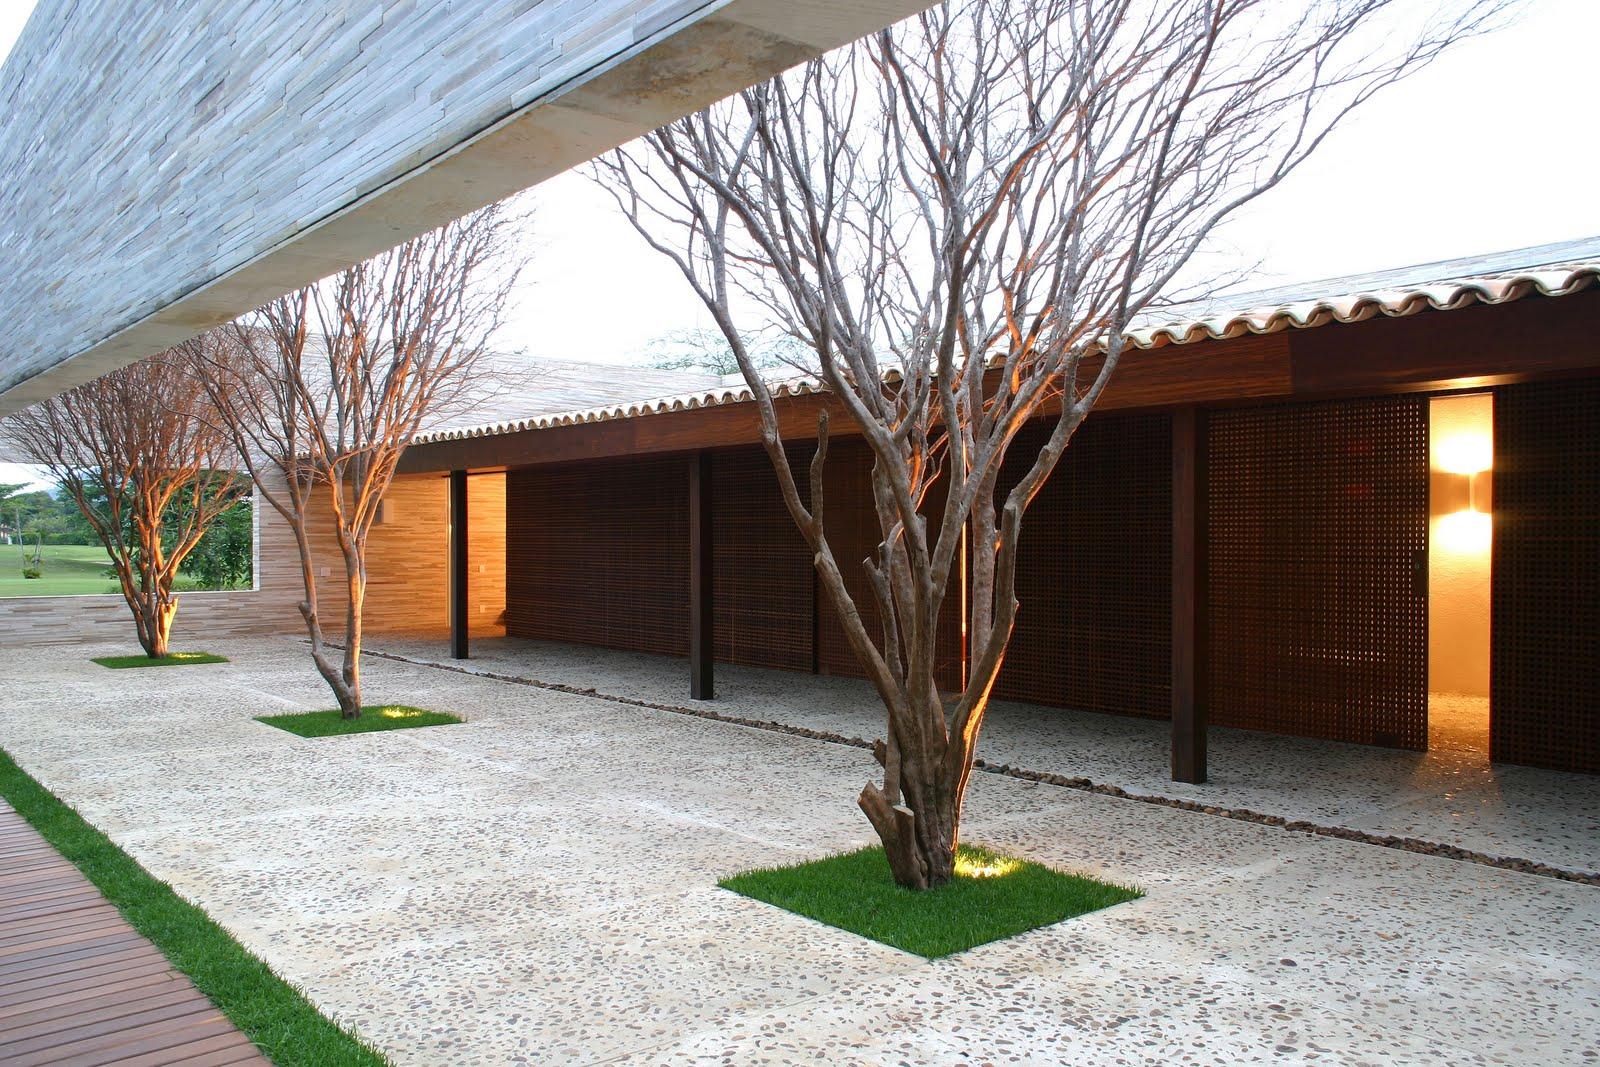 Casa du plessis de mk27 blog arquitectura y dise o for Blog arquitectura y diseno